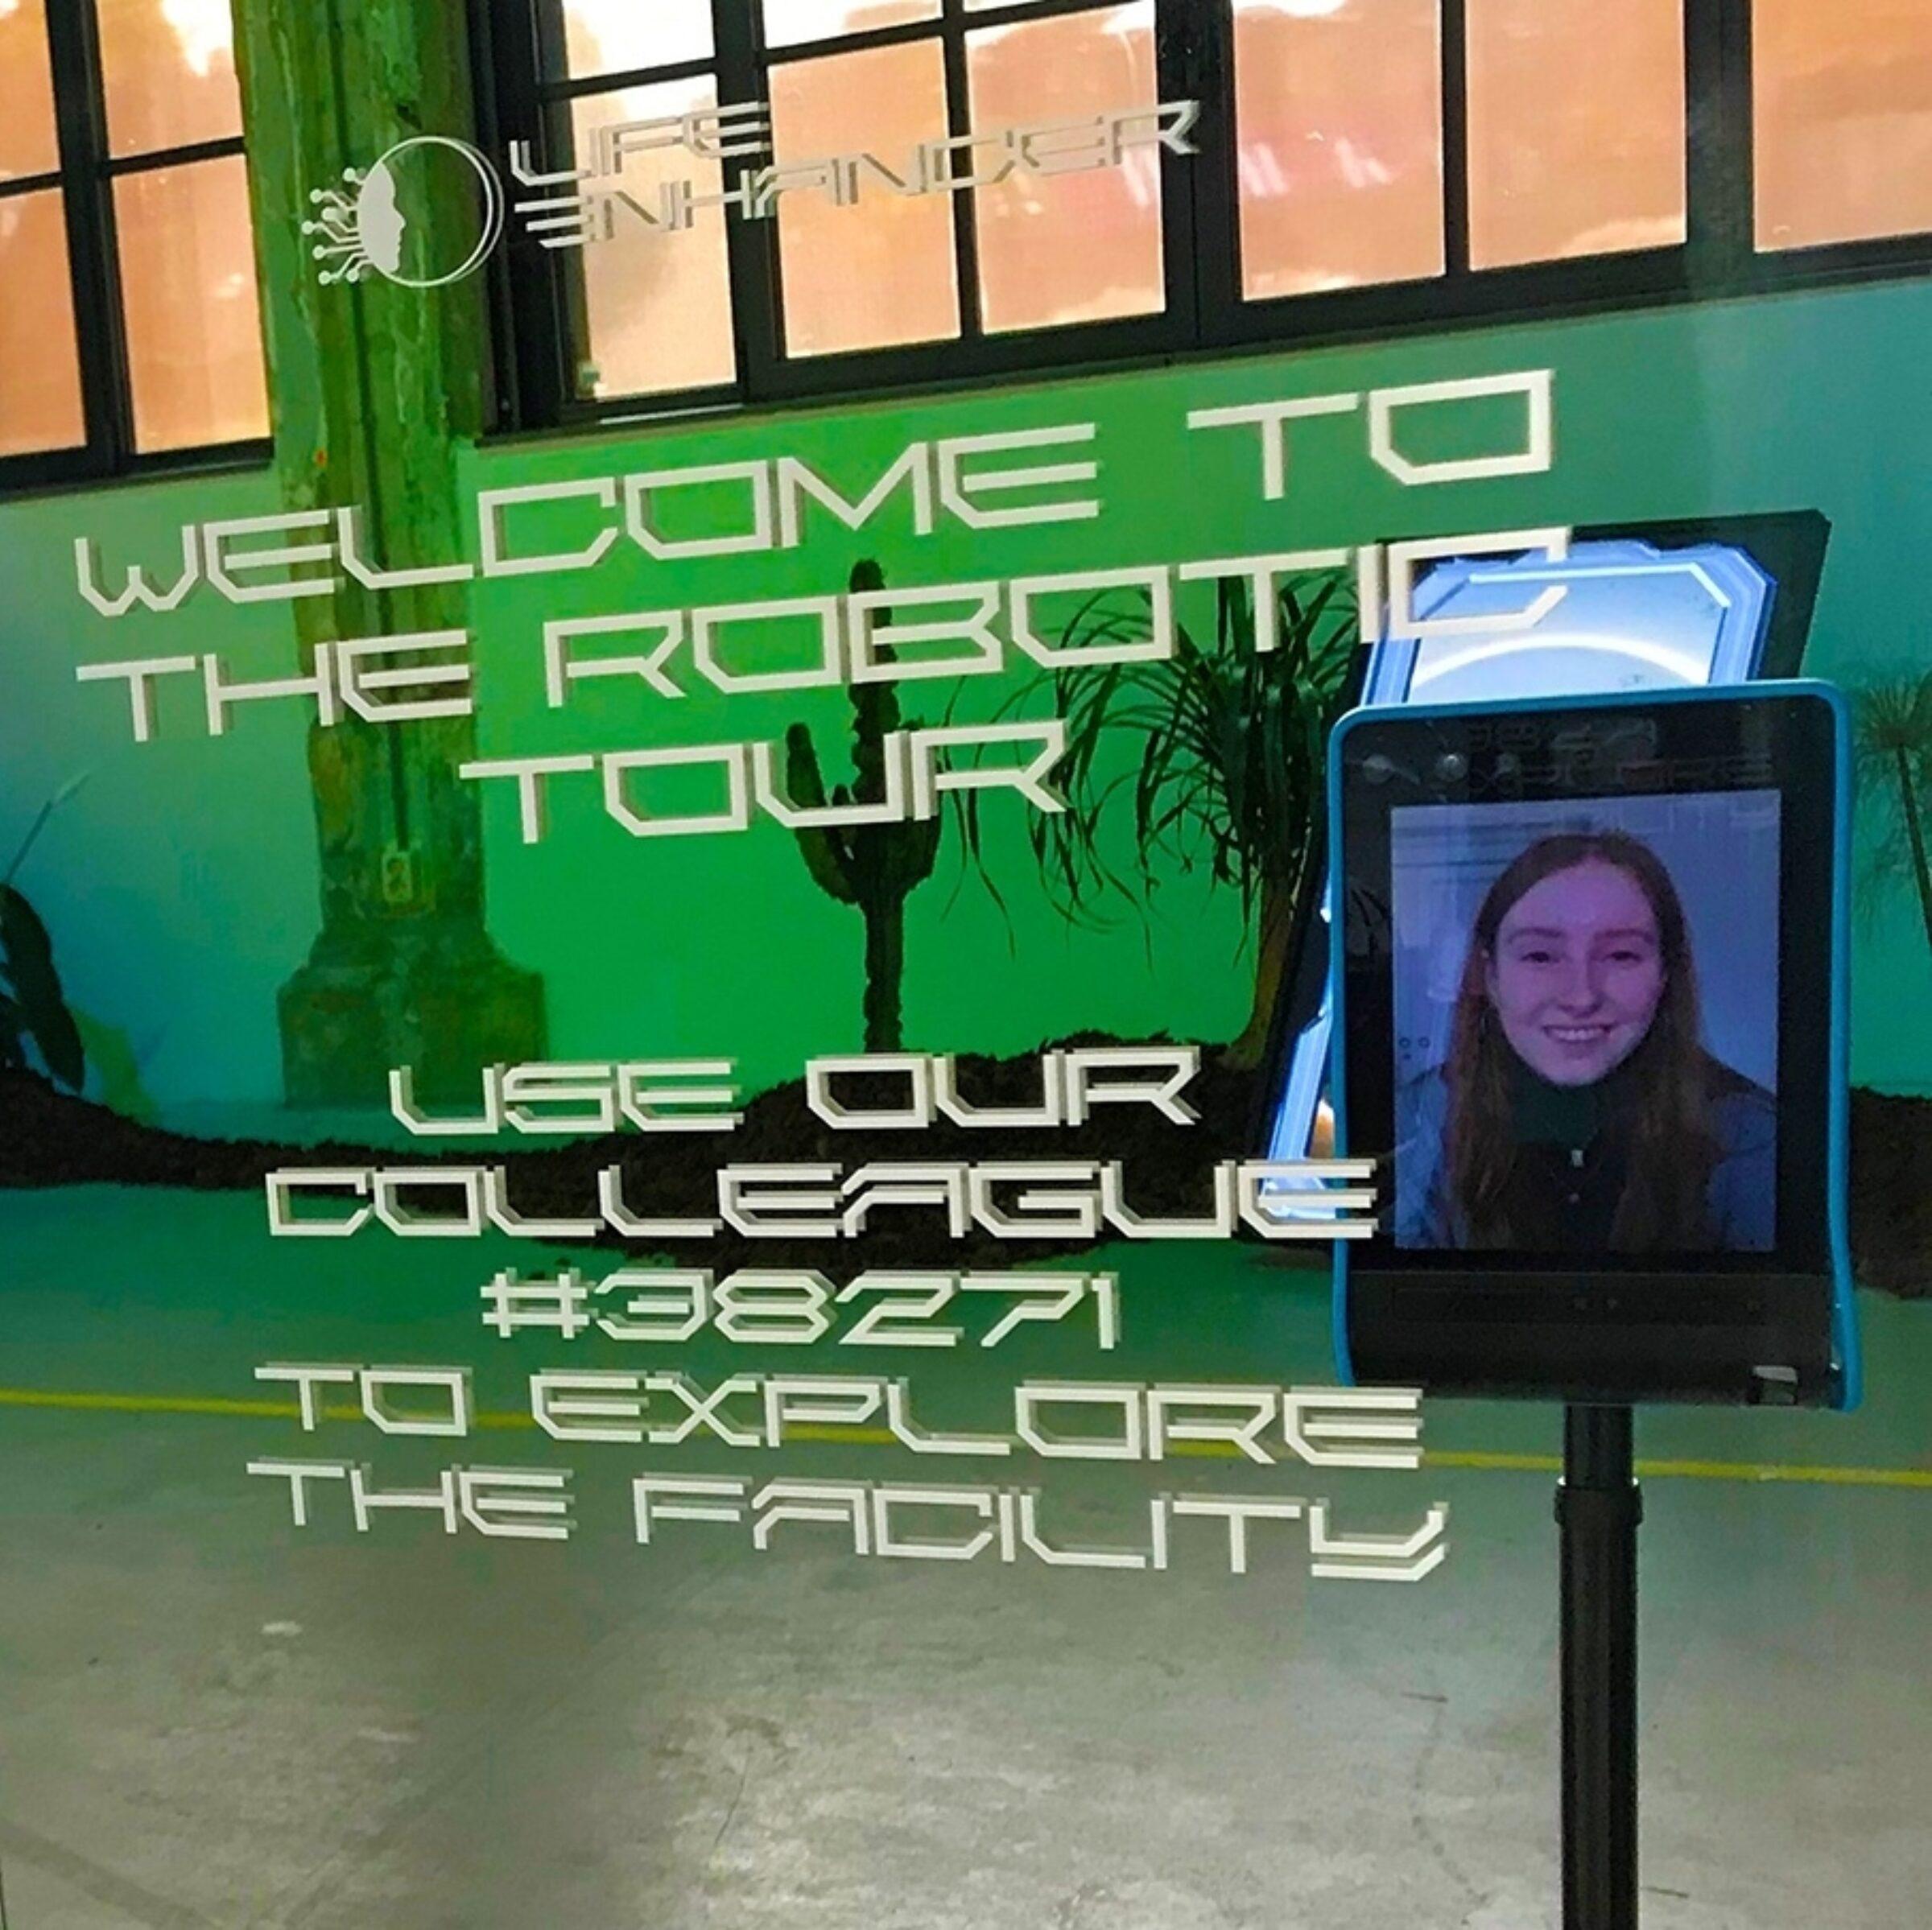 Tetem robot virtual tour